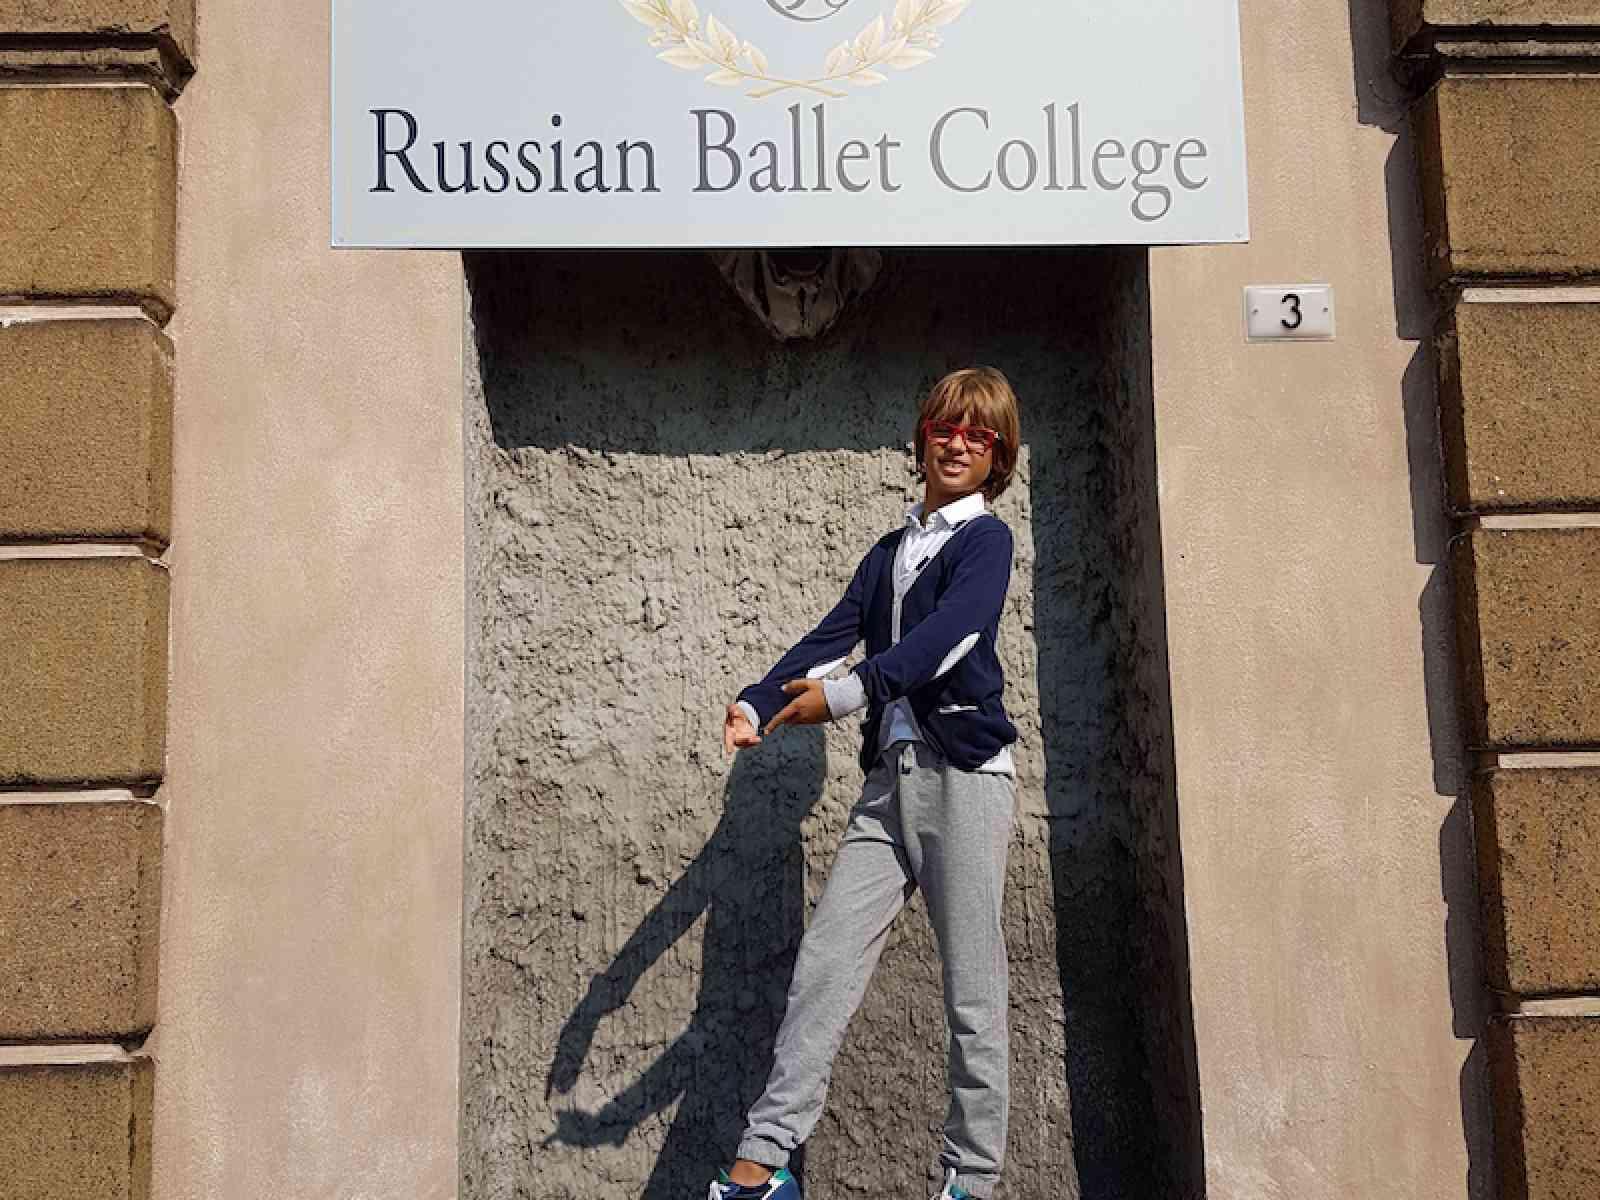 Menfi ha un nuovo talento della danza: il giovane Gabriél è ammesso al Russian Ballet College di Genova